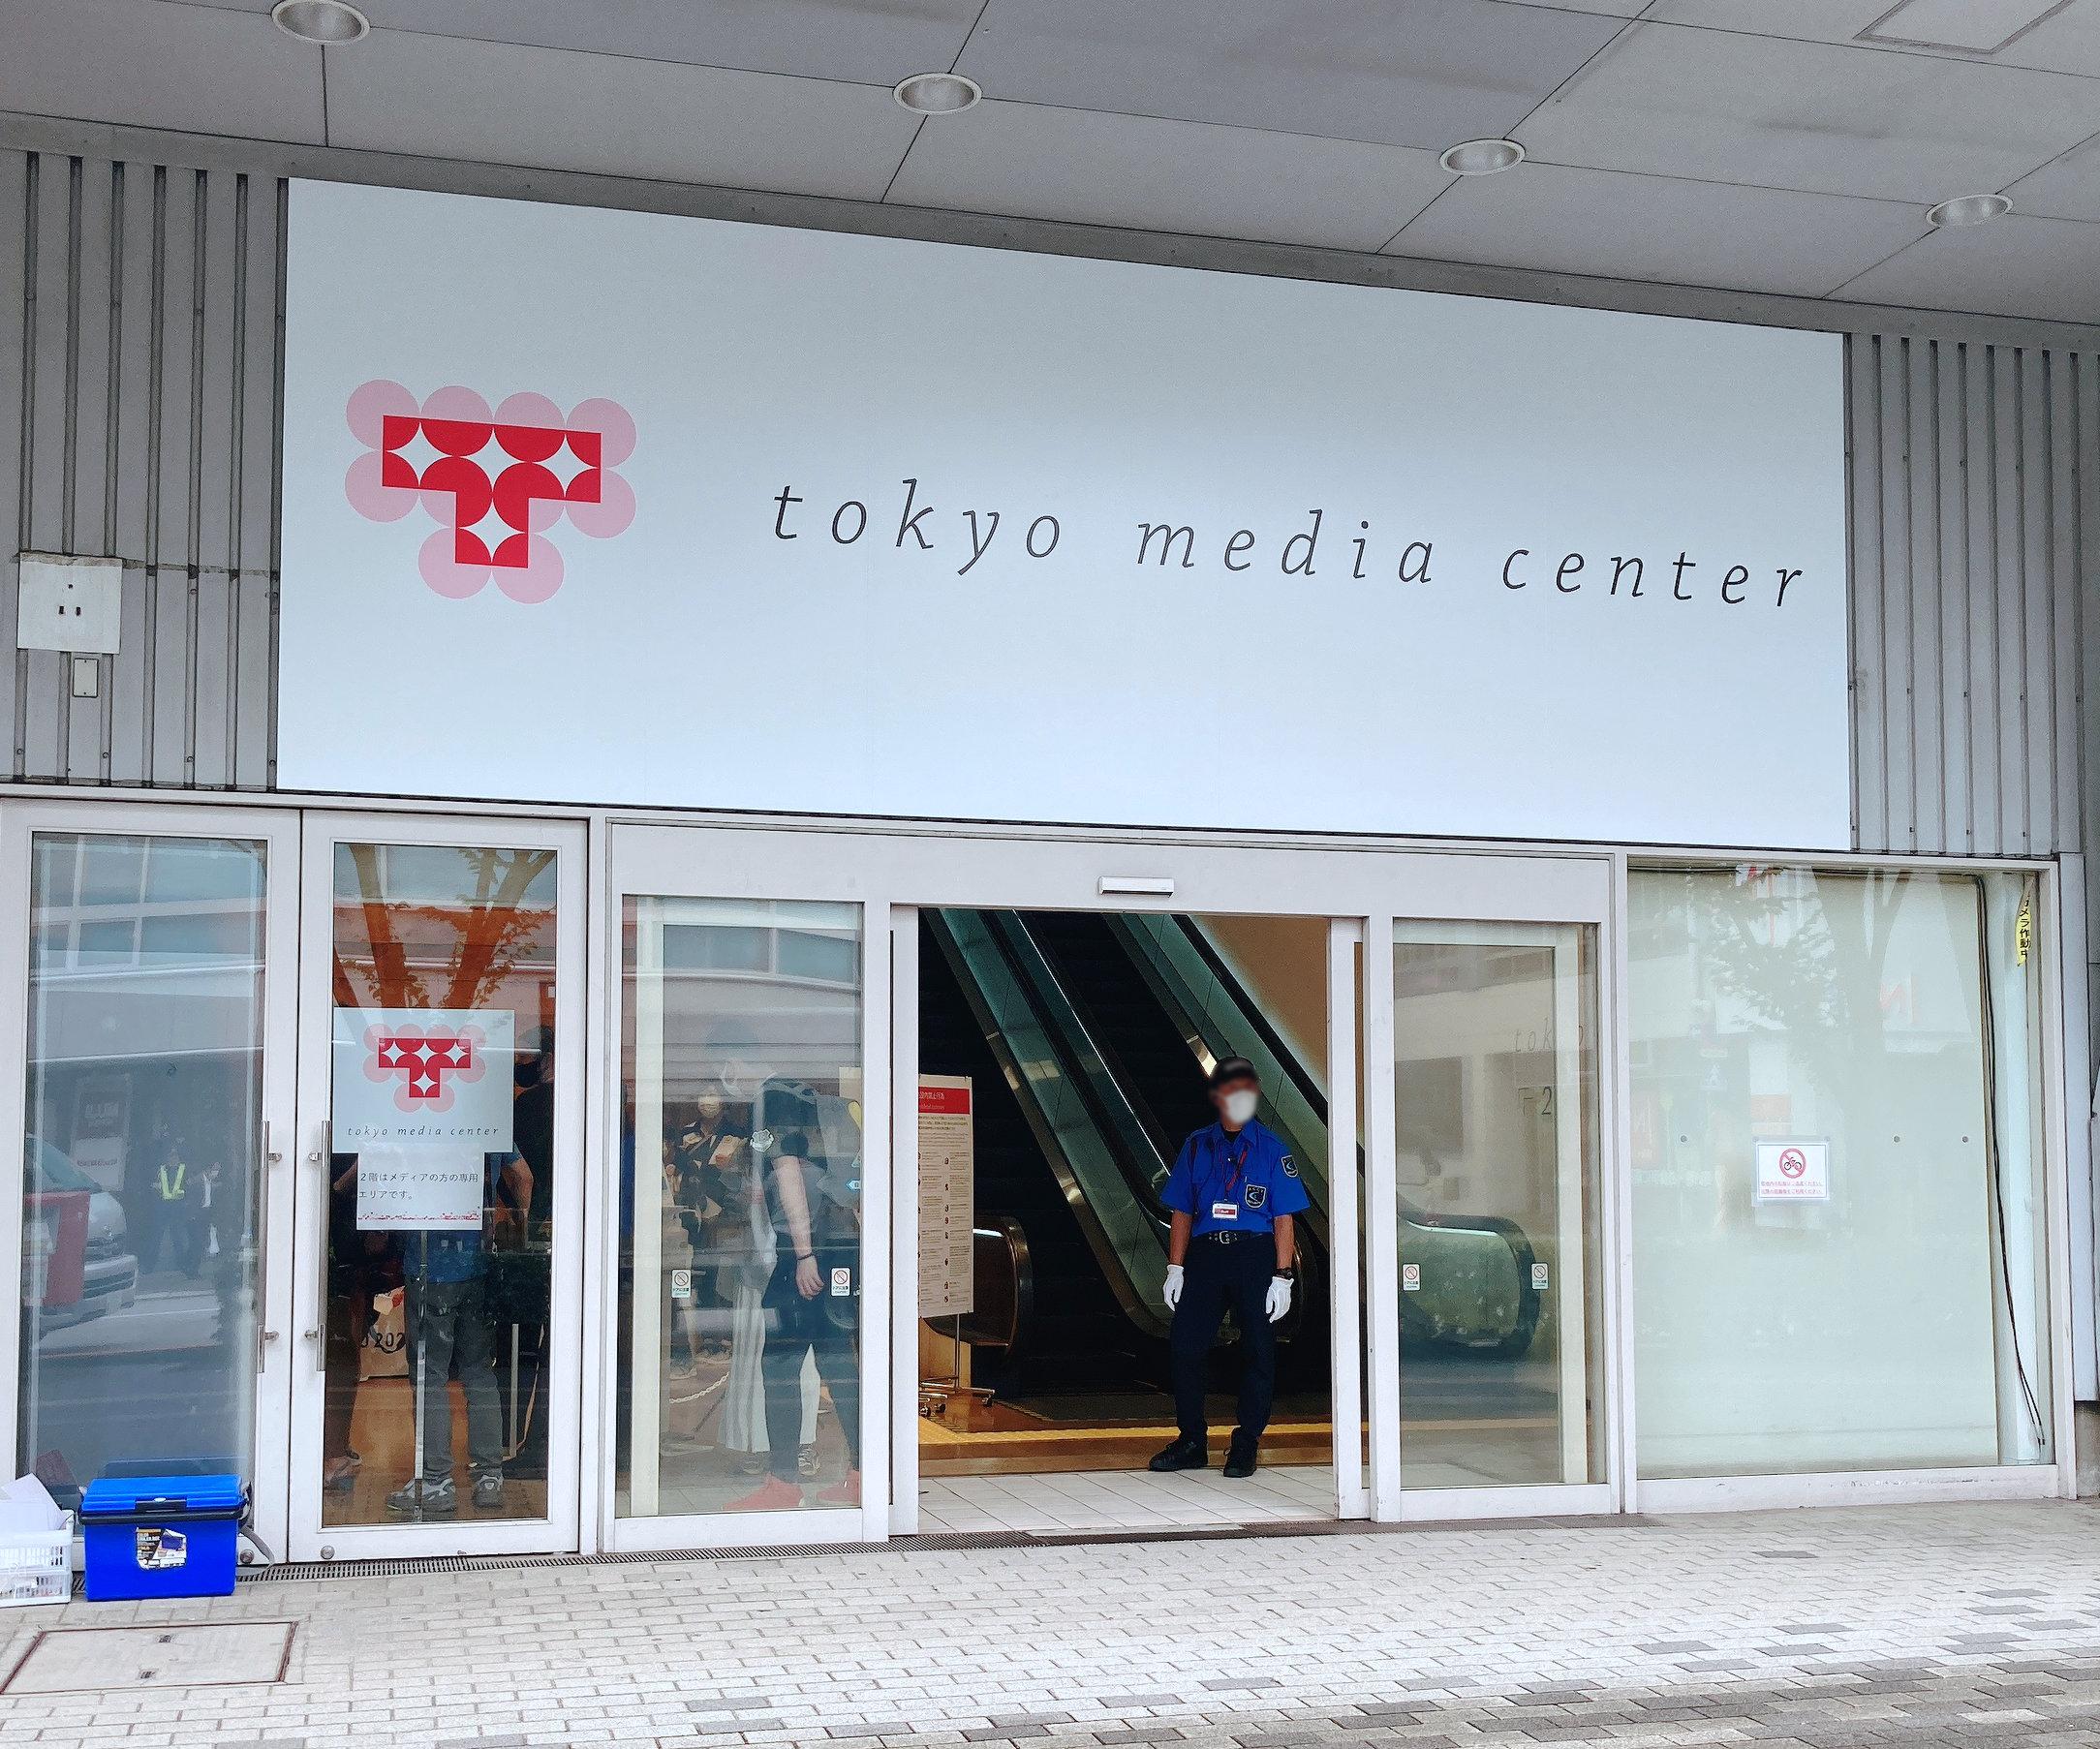 【オリンピック】東京メディアセンターの「メディア配布キット」を大公開! その中身にビックリした!!